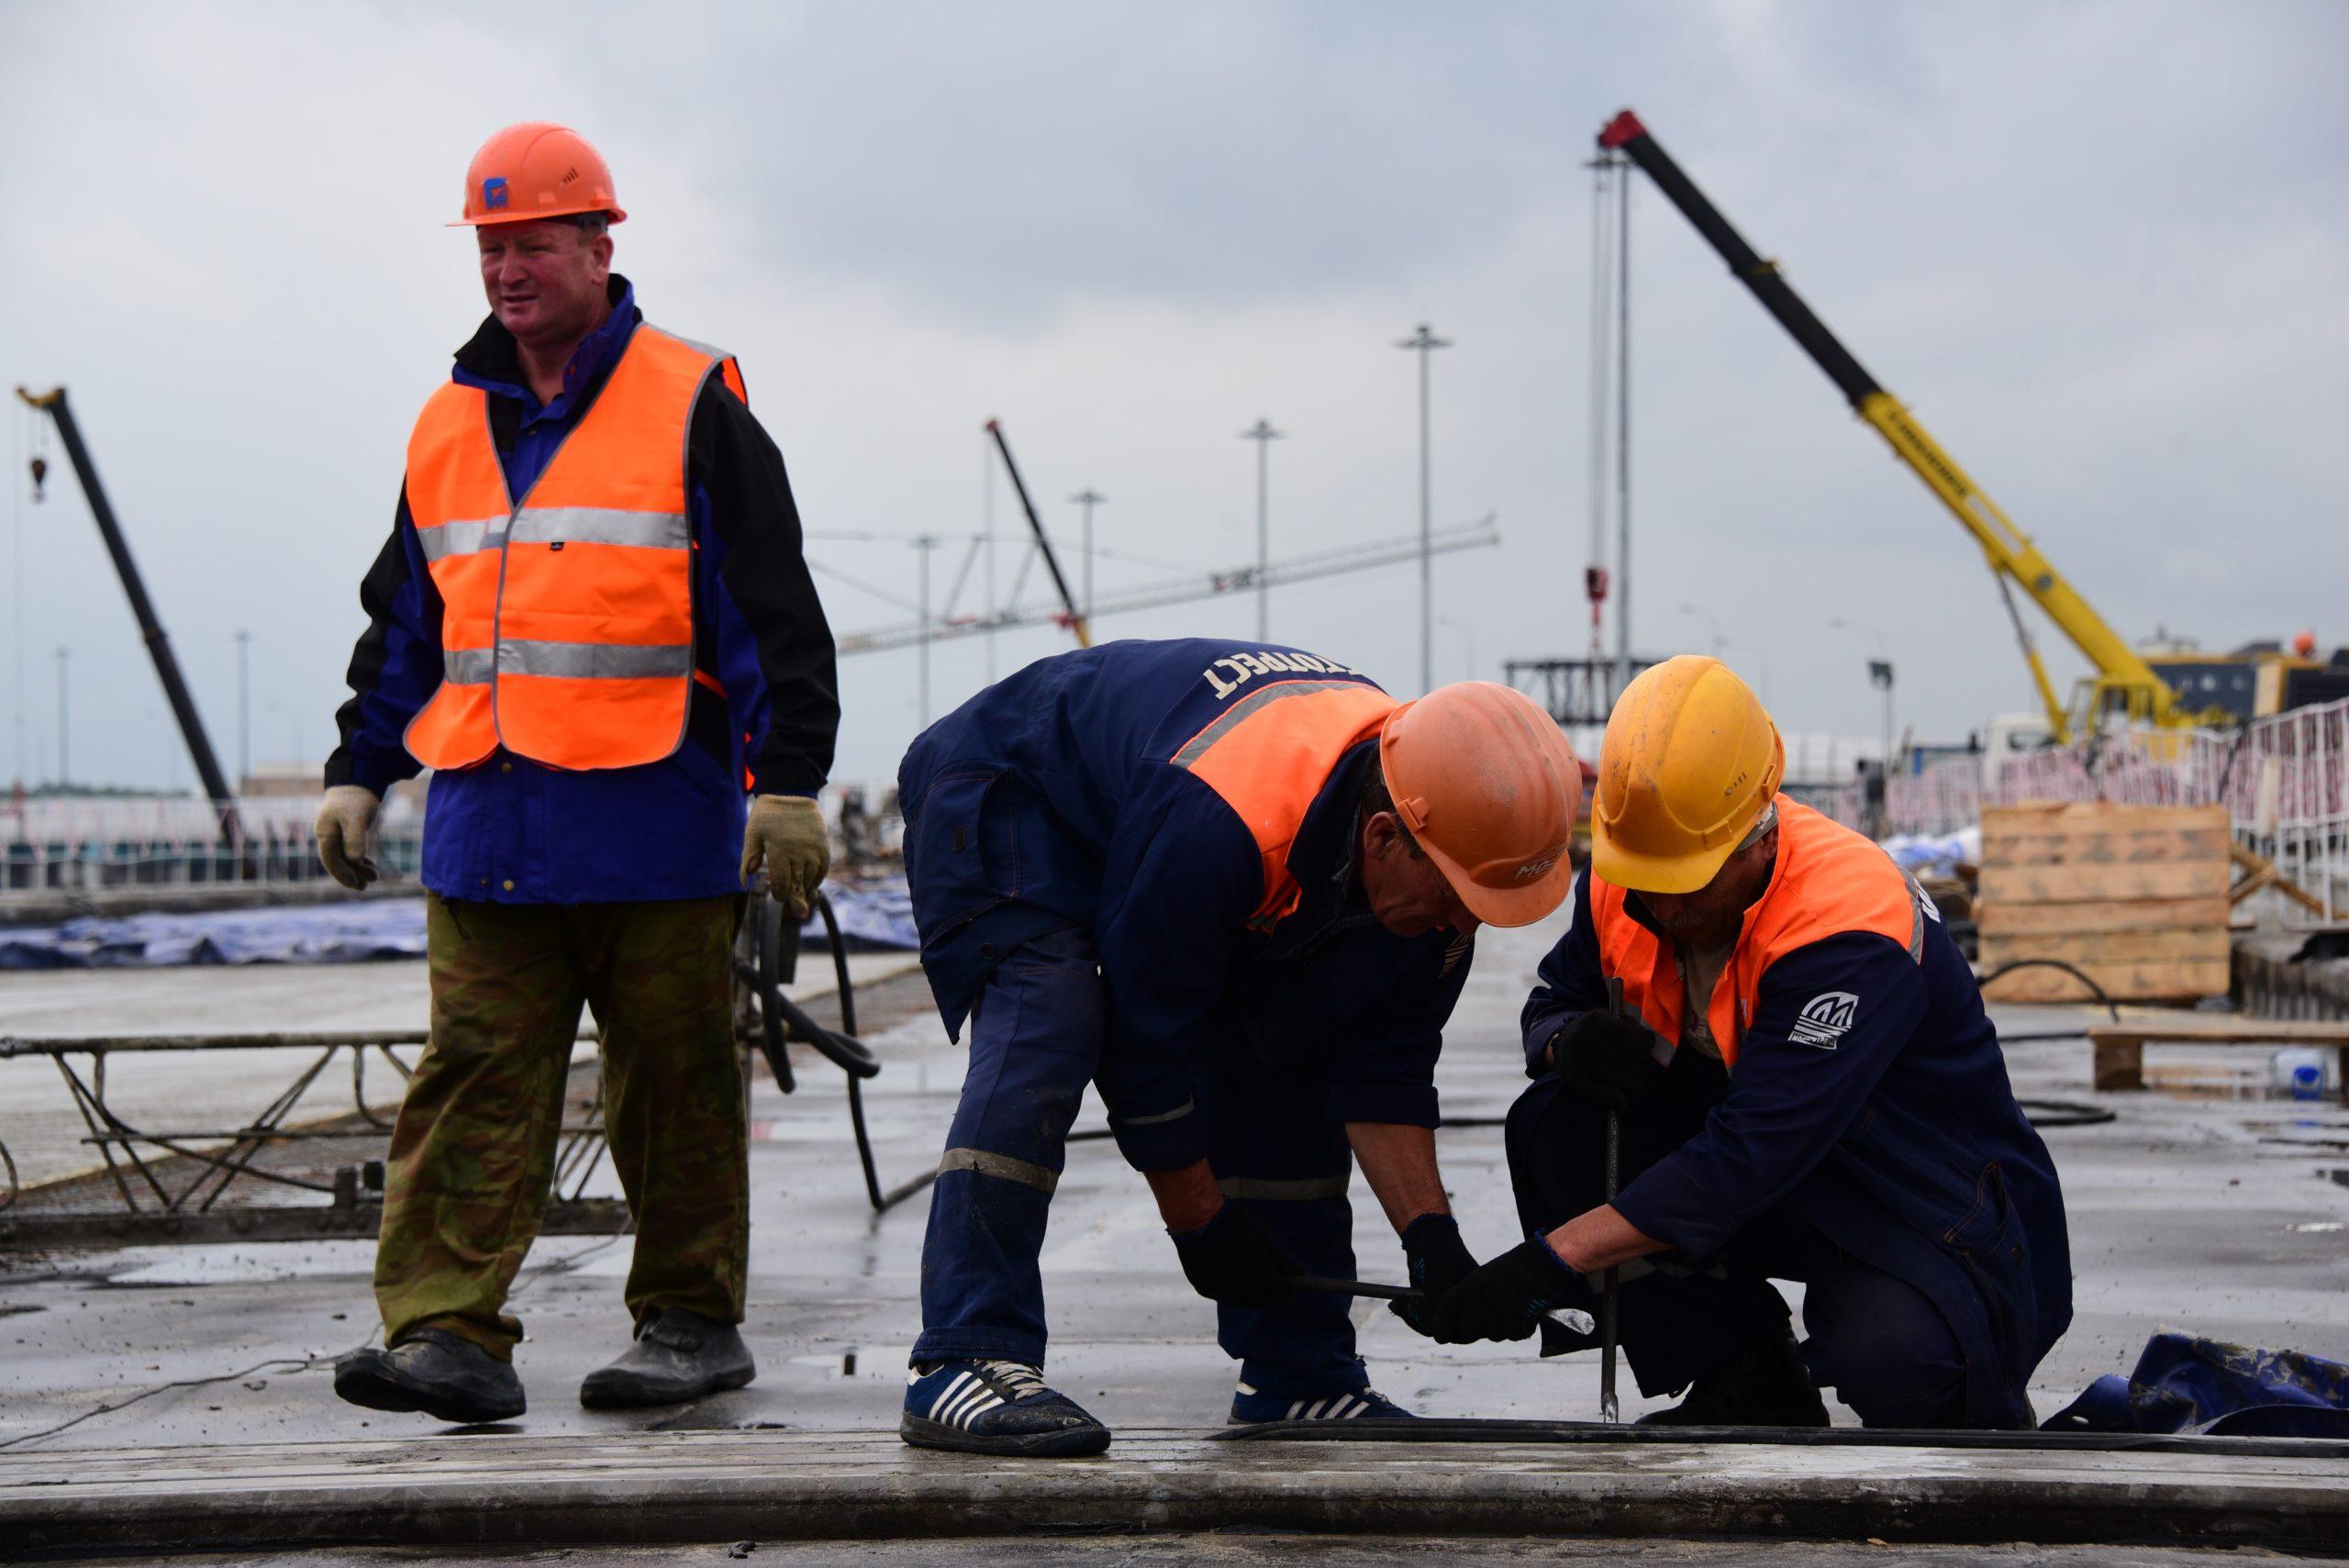 Около 700 дорожных объектов зарегистрировали в Москве за четыре месяца